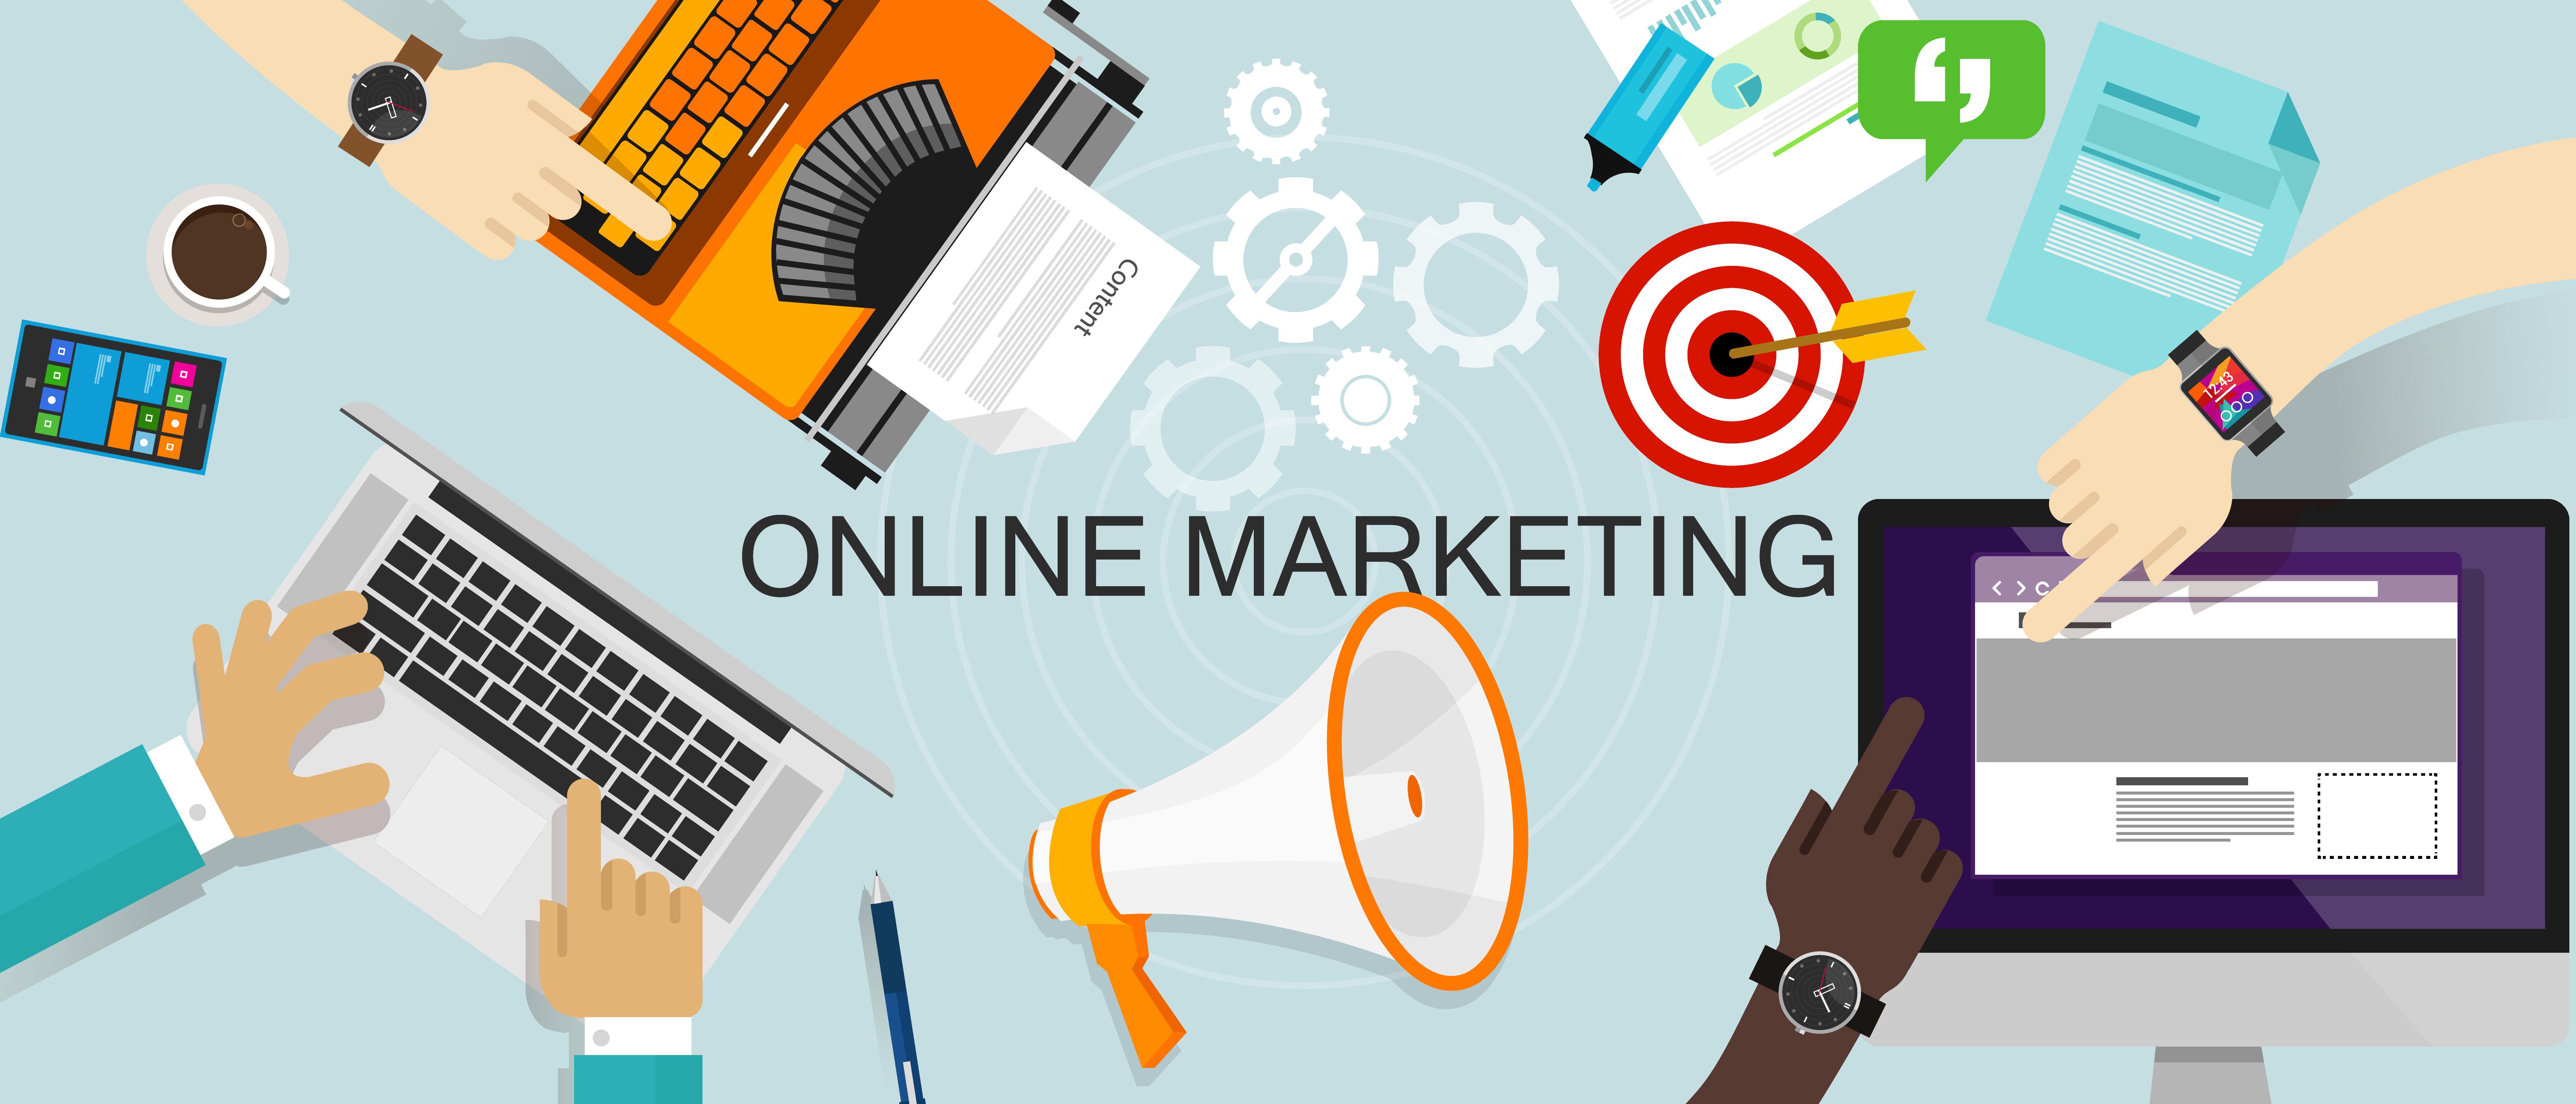 Pourquoi certains sites d'eCommerce vivotent, alors que d'autres croissent... on vous dit TOUT ! 2